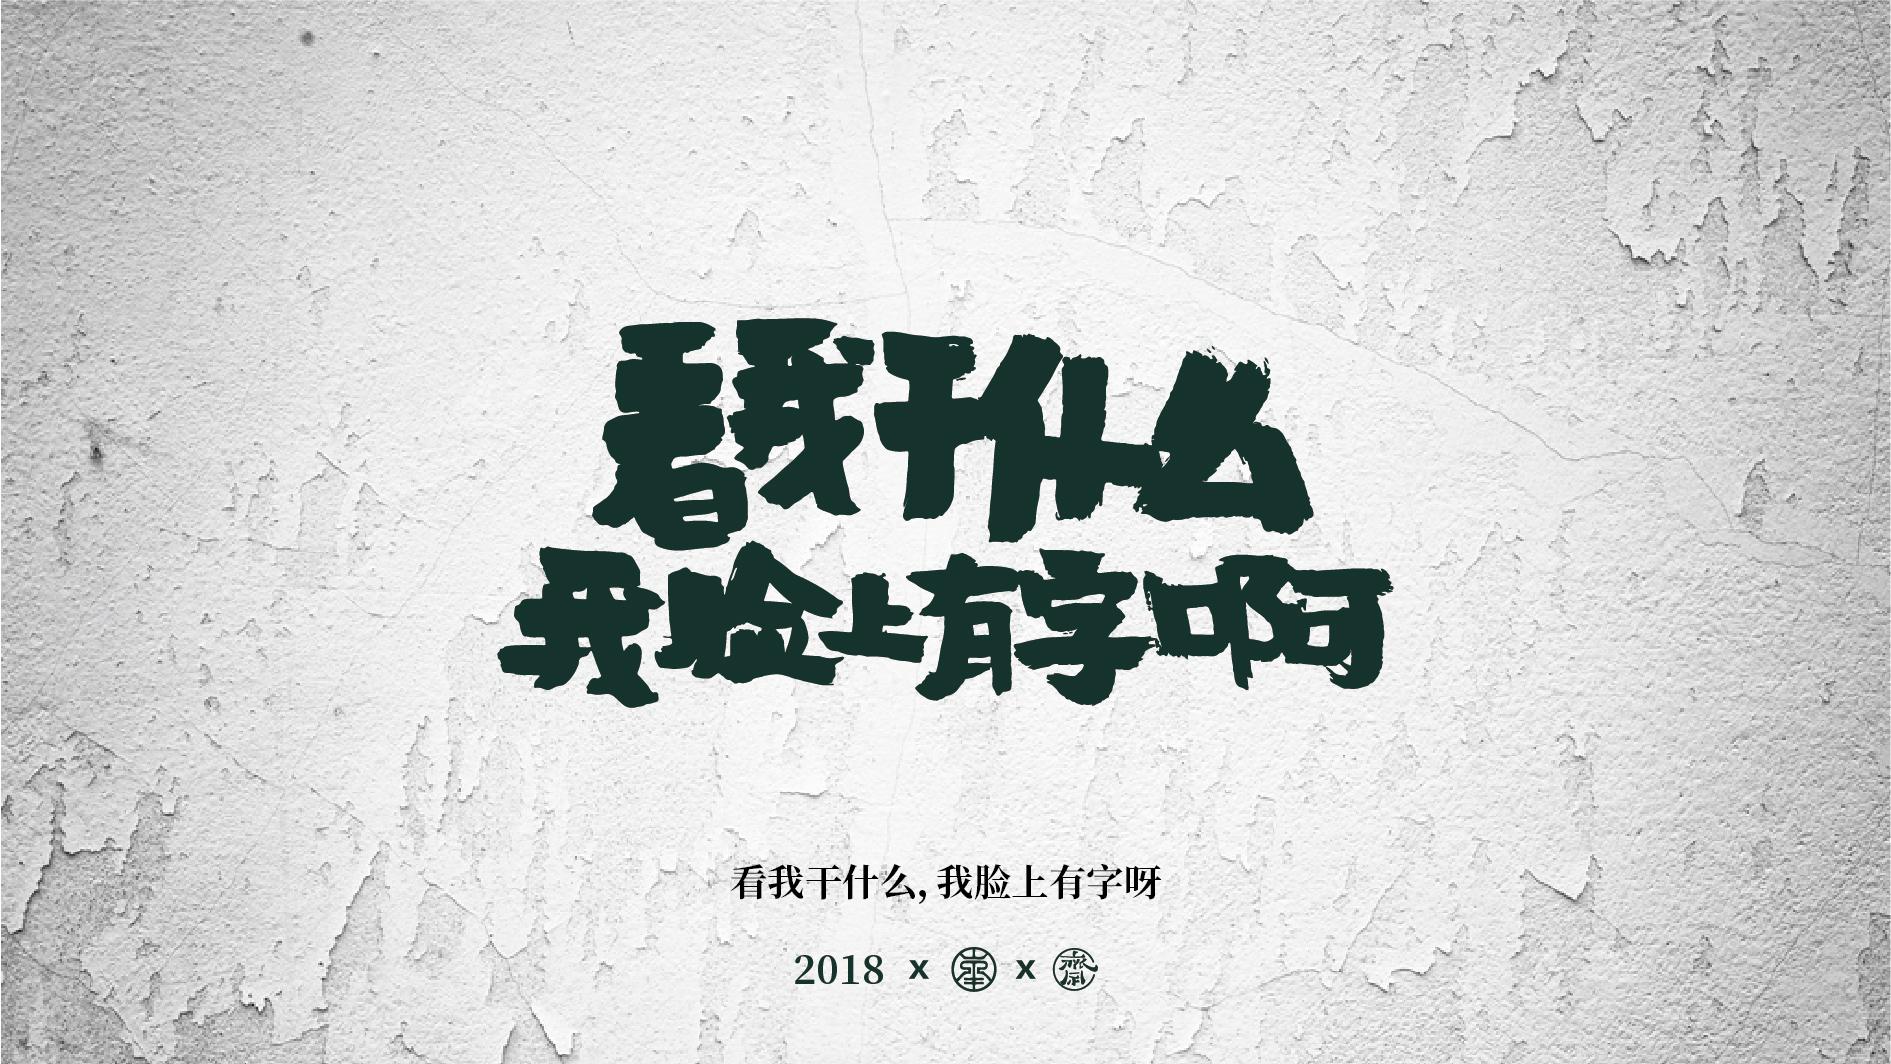 超超大神手写毛笔字第1波 之教师节系列插图(14)